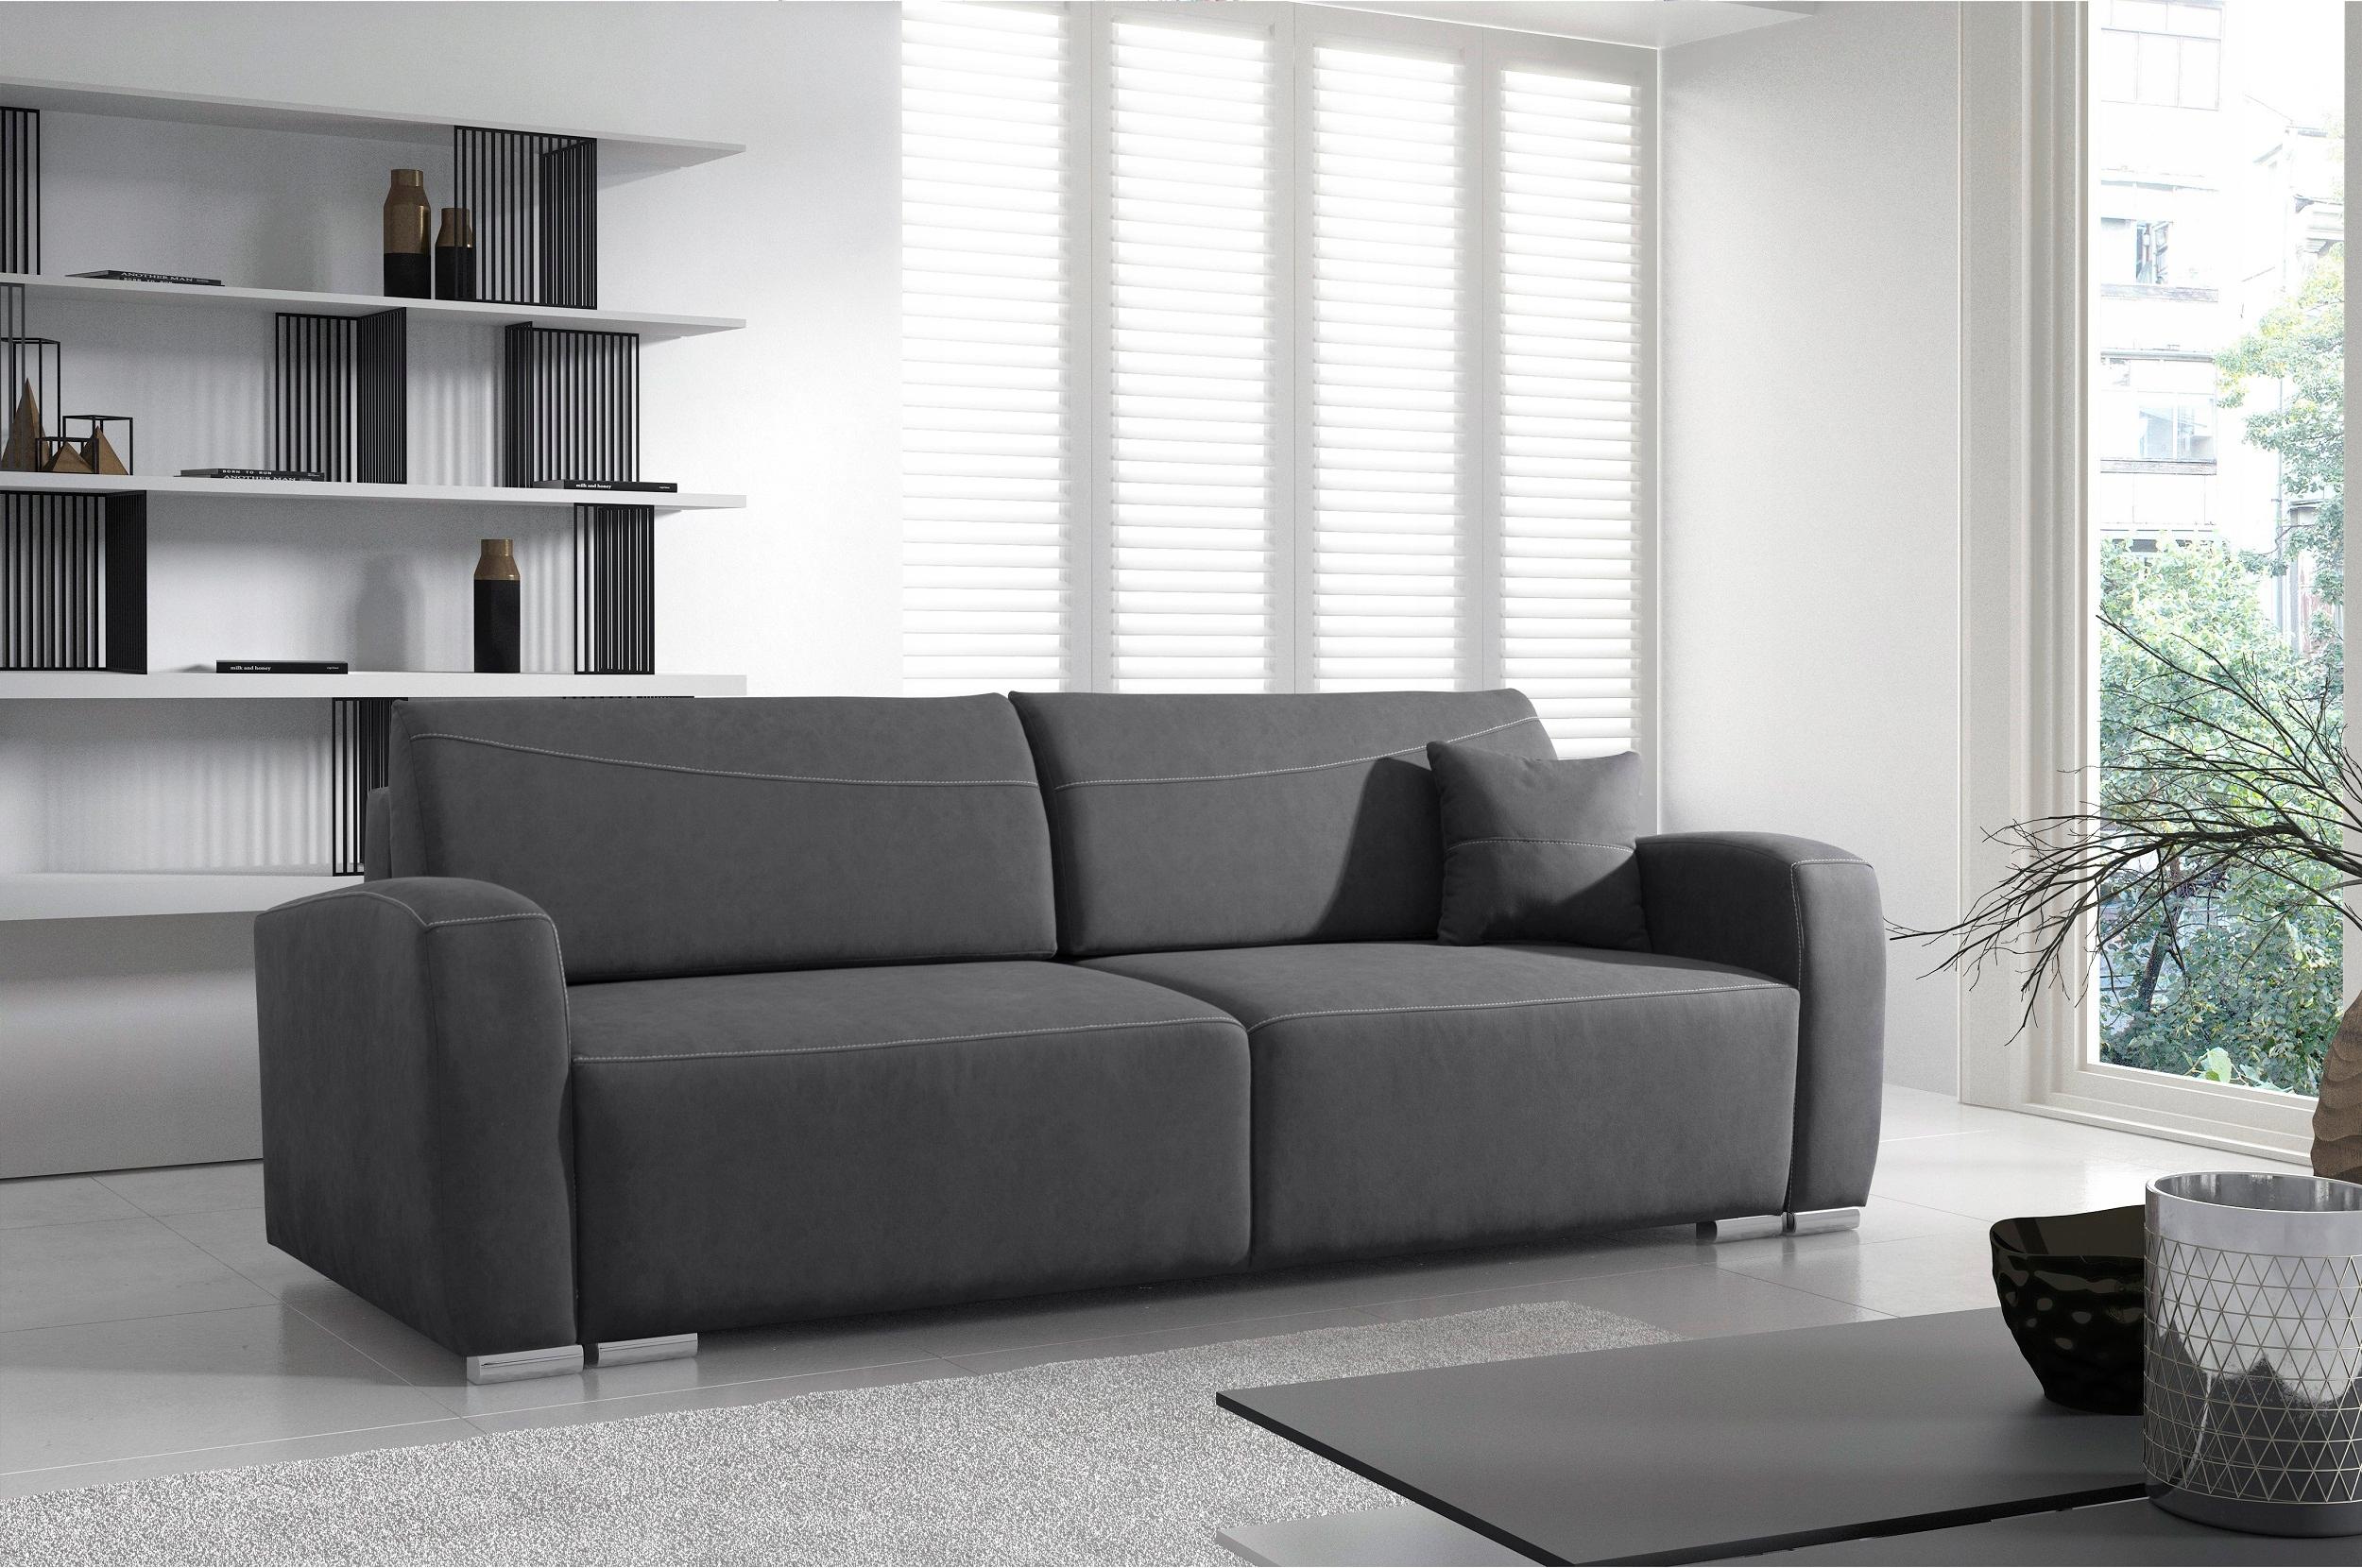 RENO LUX stilvolles Sofa für das Wohnzimmer / f. Schlafen / Farben